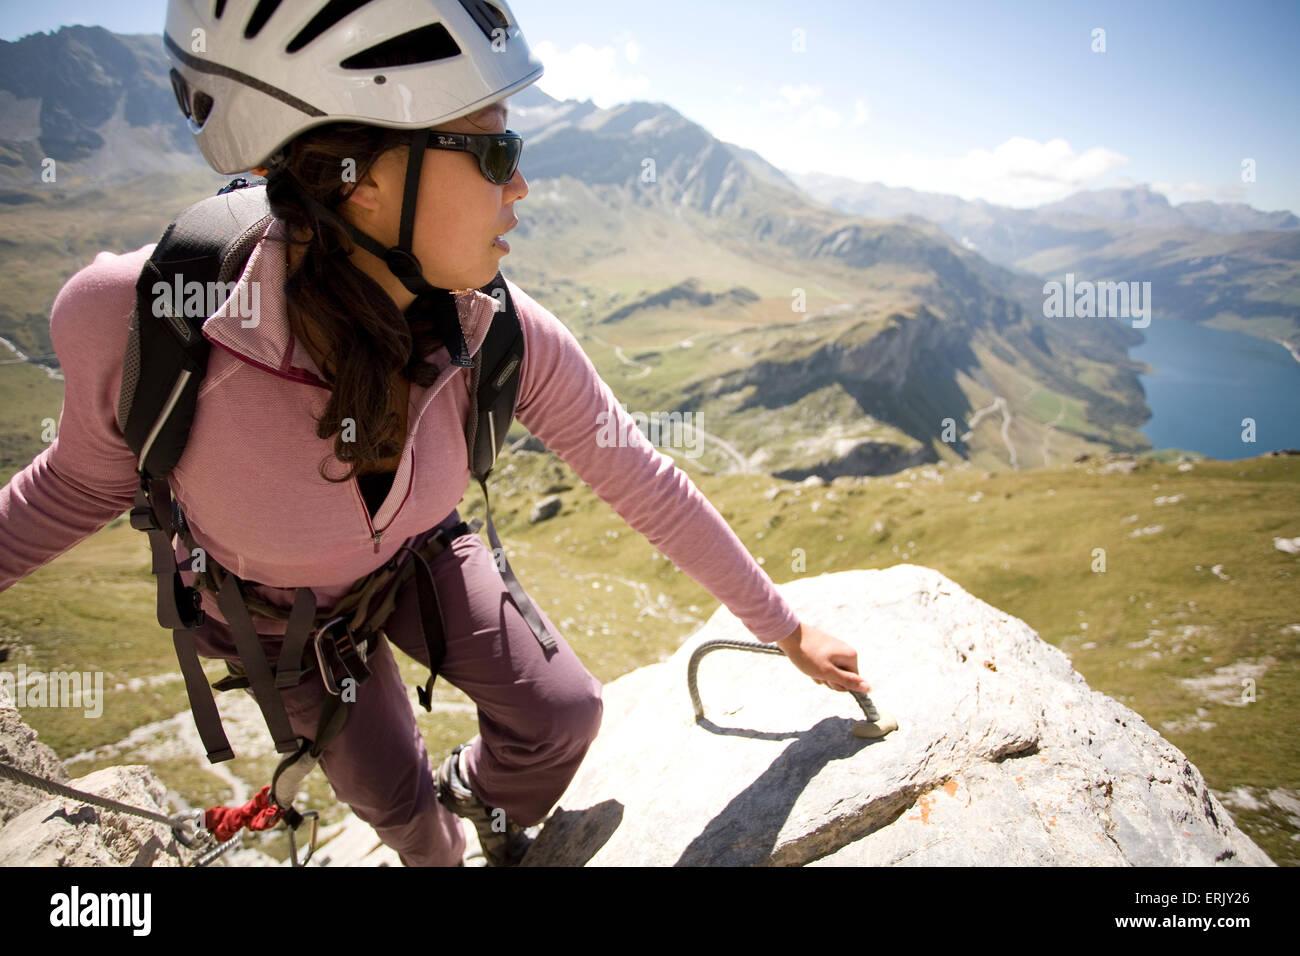 Una joven toma un momento para disfrutar del paisaje mientras practica el deporte de Vía ferrata en los Alpes Imagen De Stock